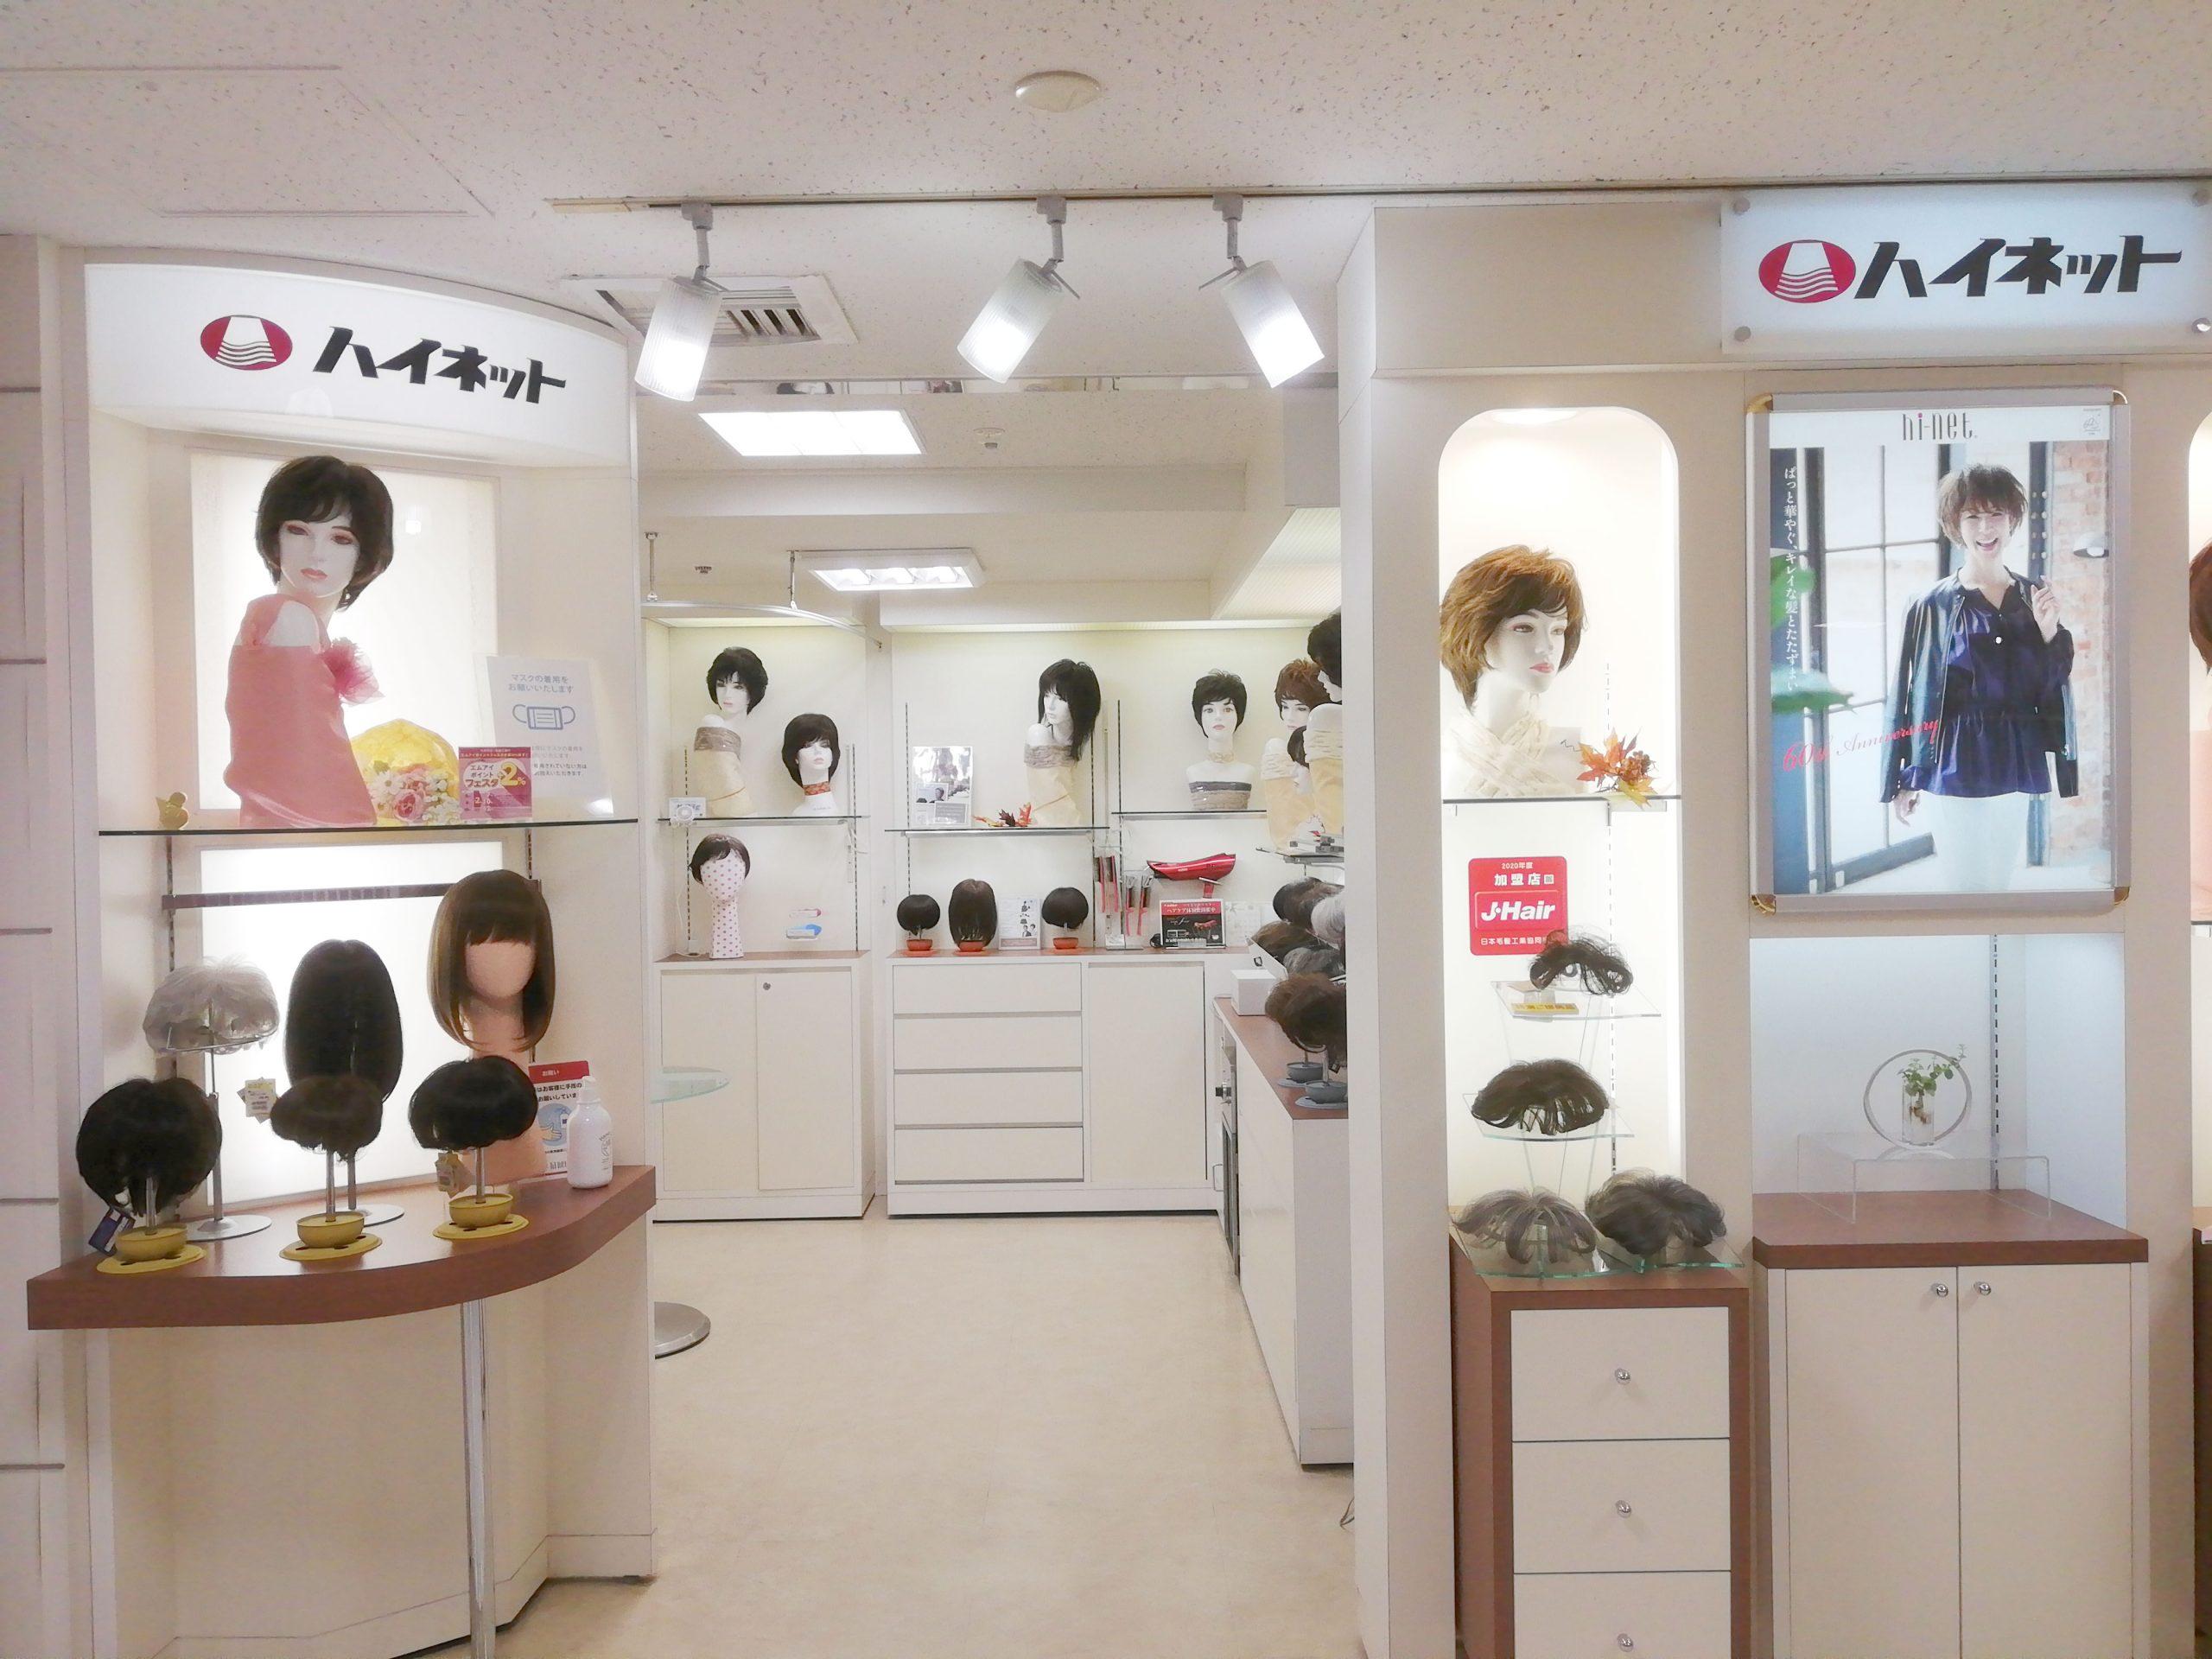 ハイネット<br>春のヘアウイッグコレクション<br>丸井今井札幌本店